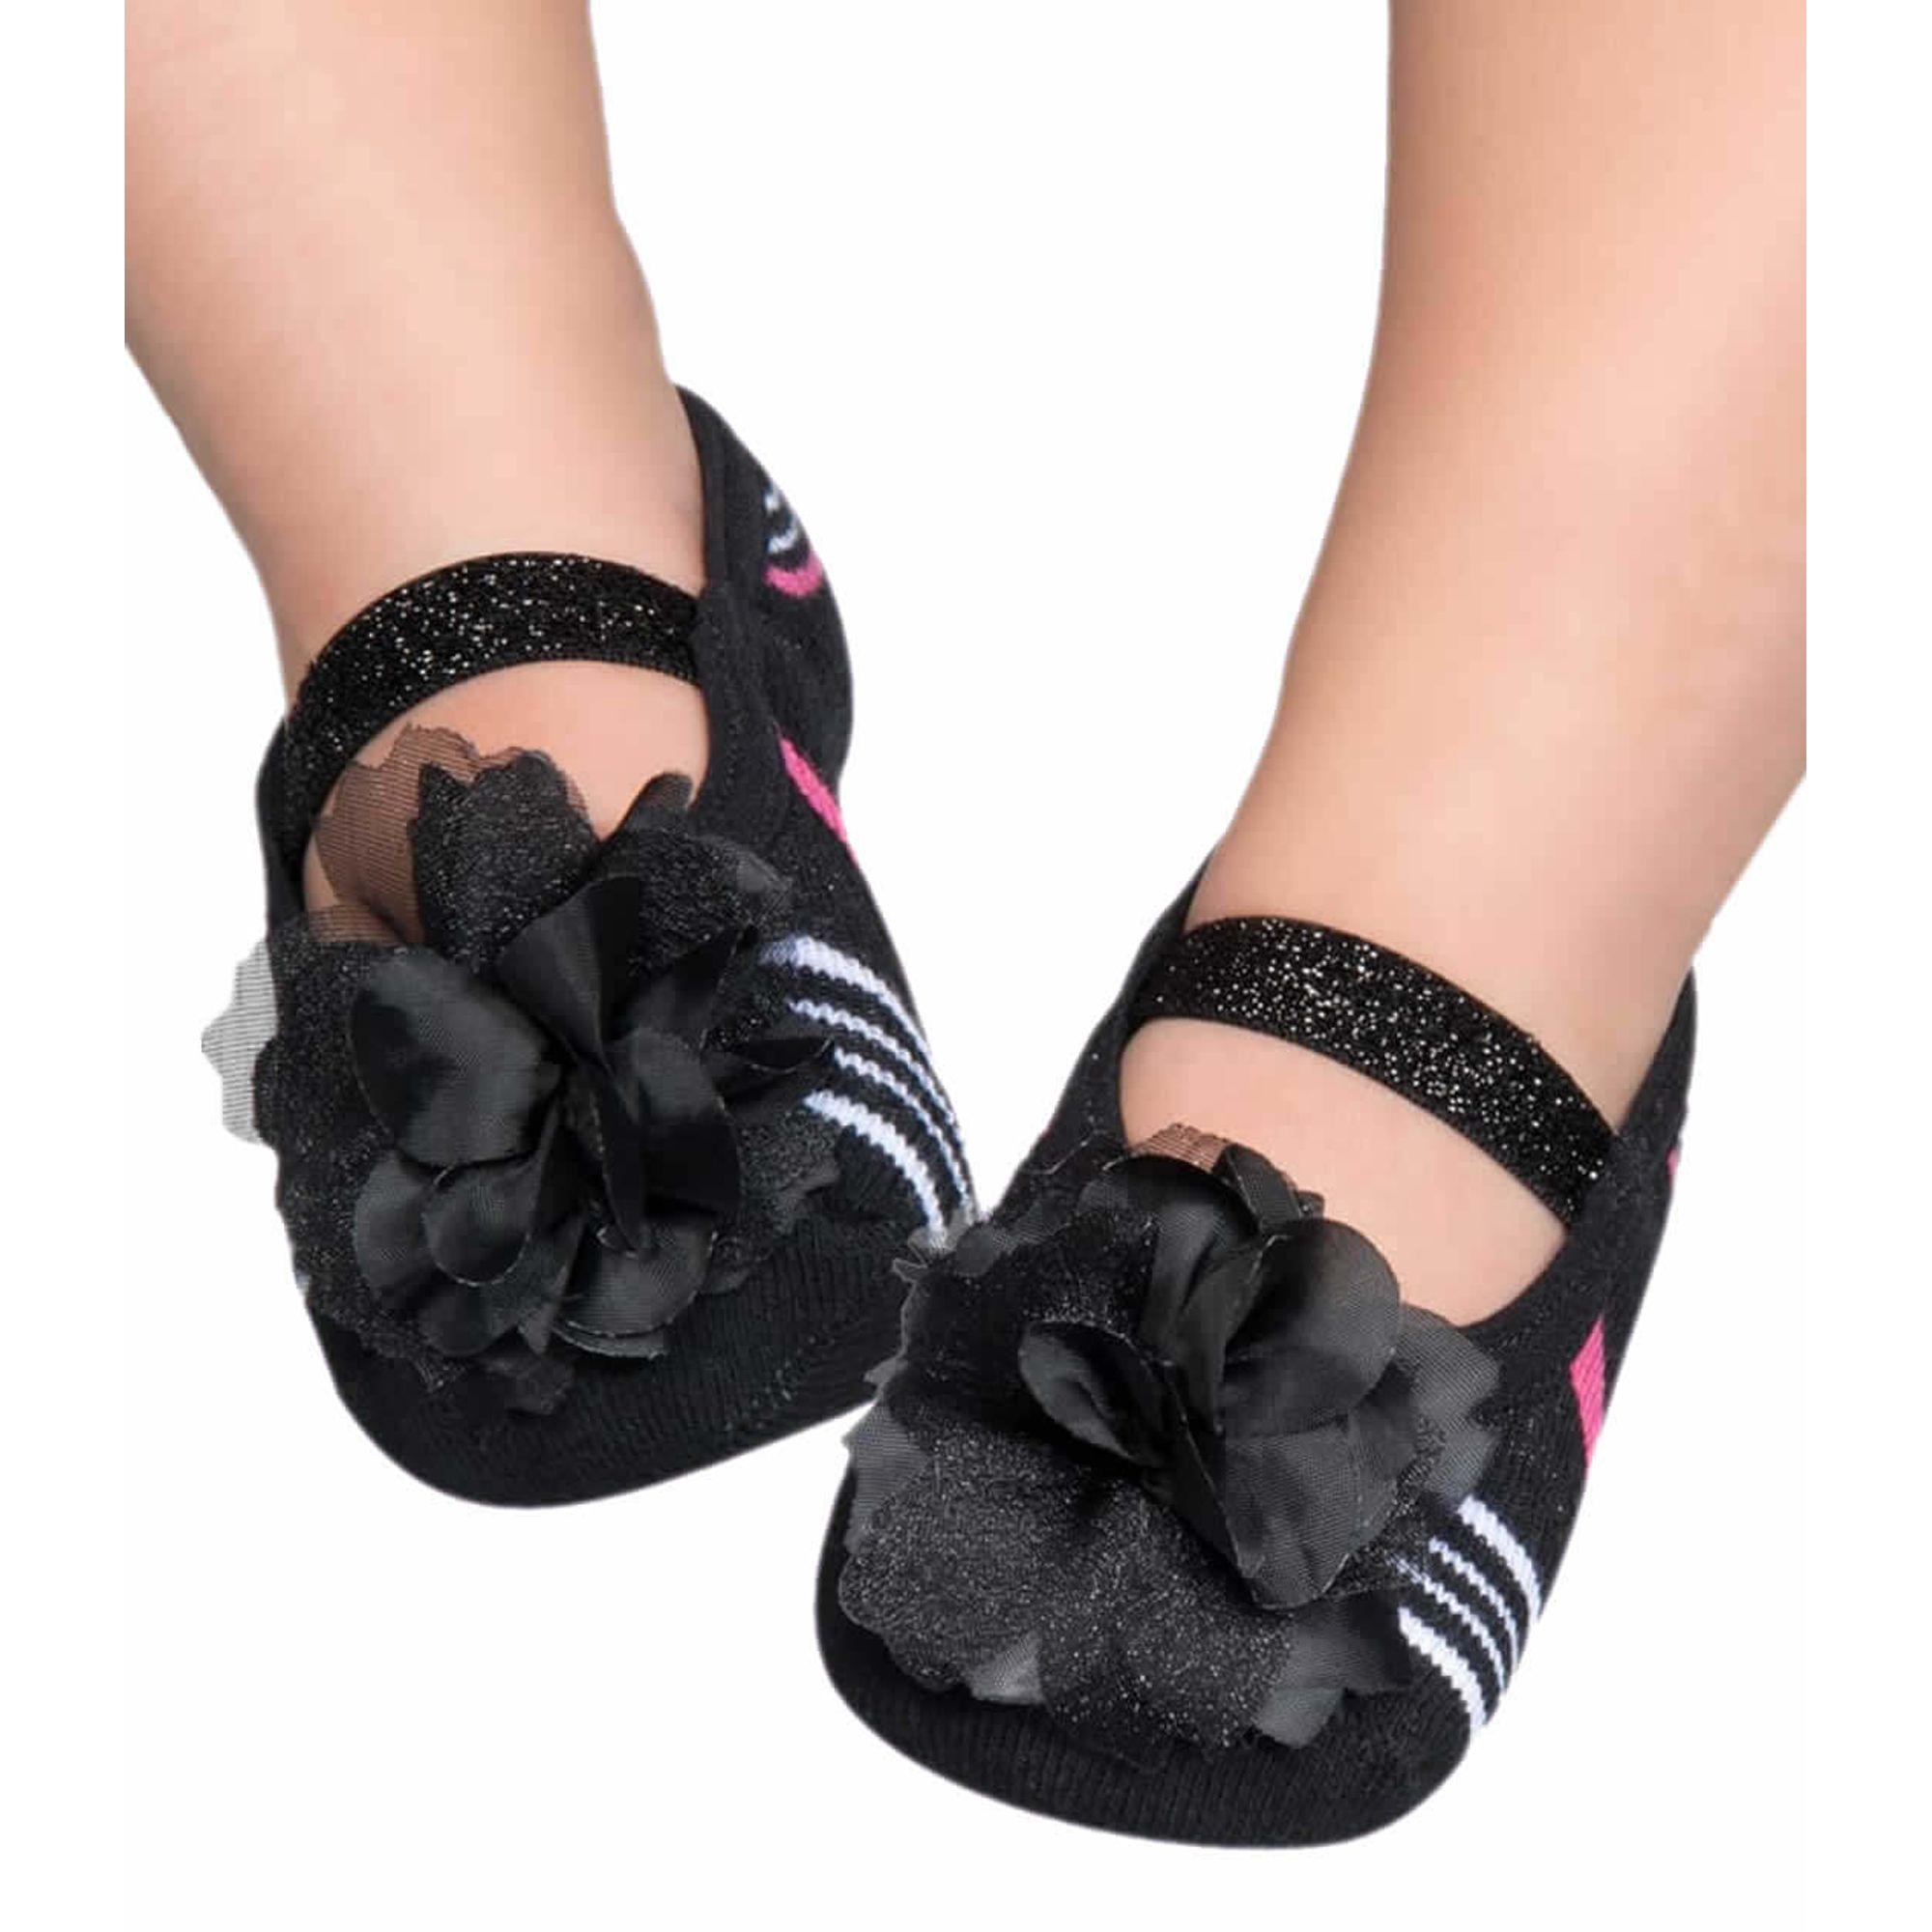 meia-baby-sapatilha-boneca-preta-aplique-flor-listras